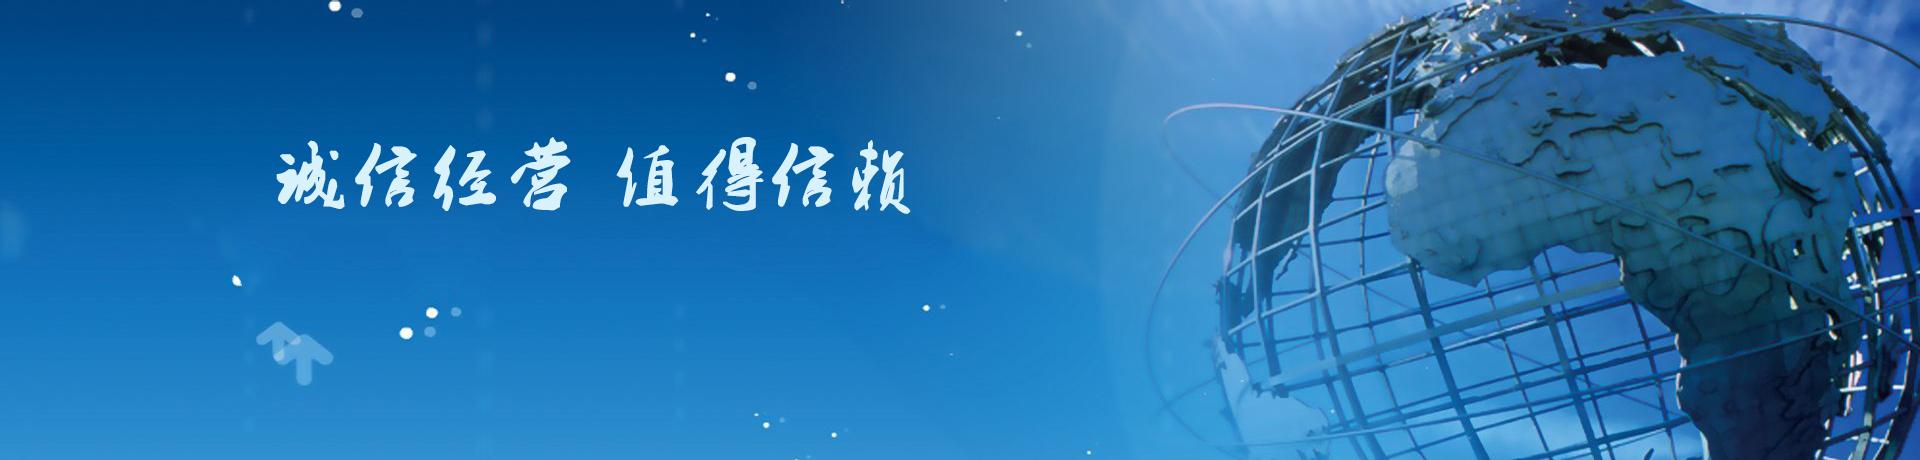 沧州鑫之洁汽车零部件有限公司